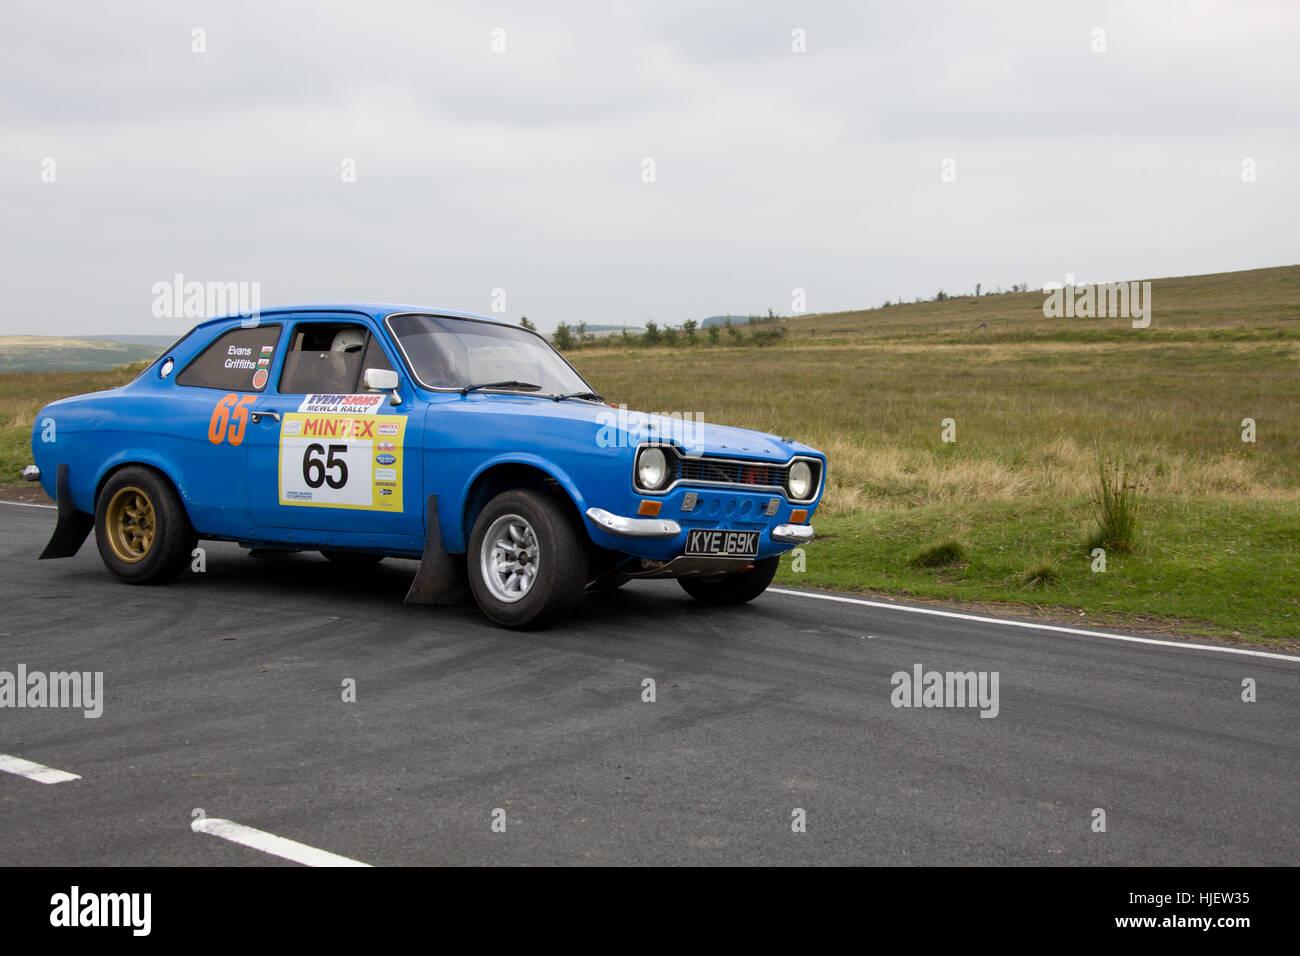 Mewla Historic Rally Event at Epynt Stock Photo: 131863401 - Alamy